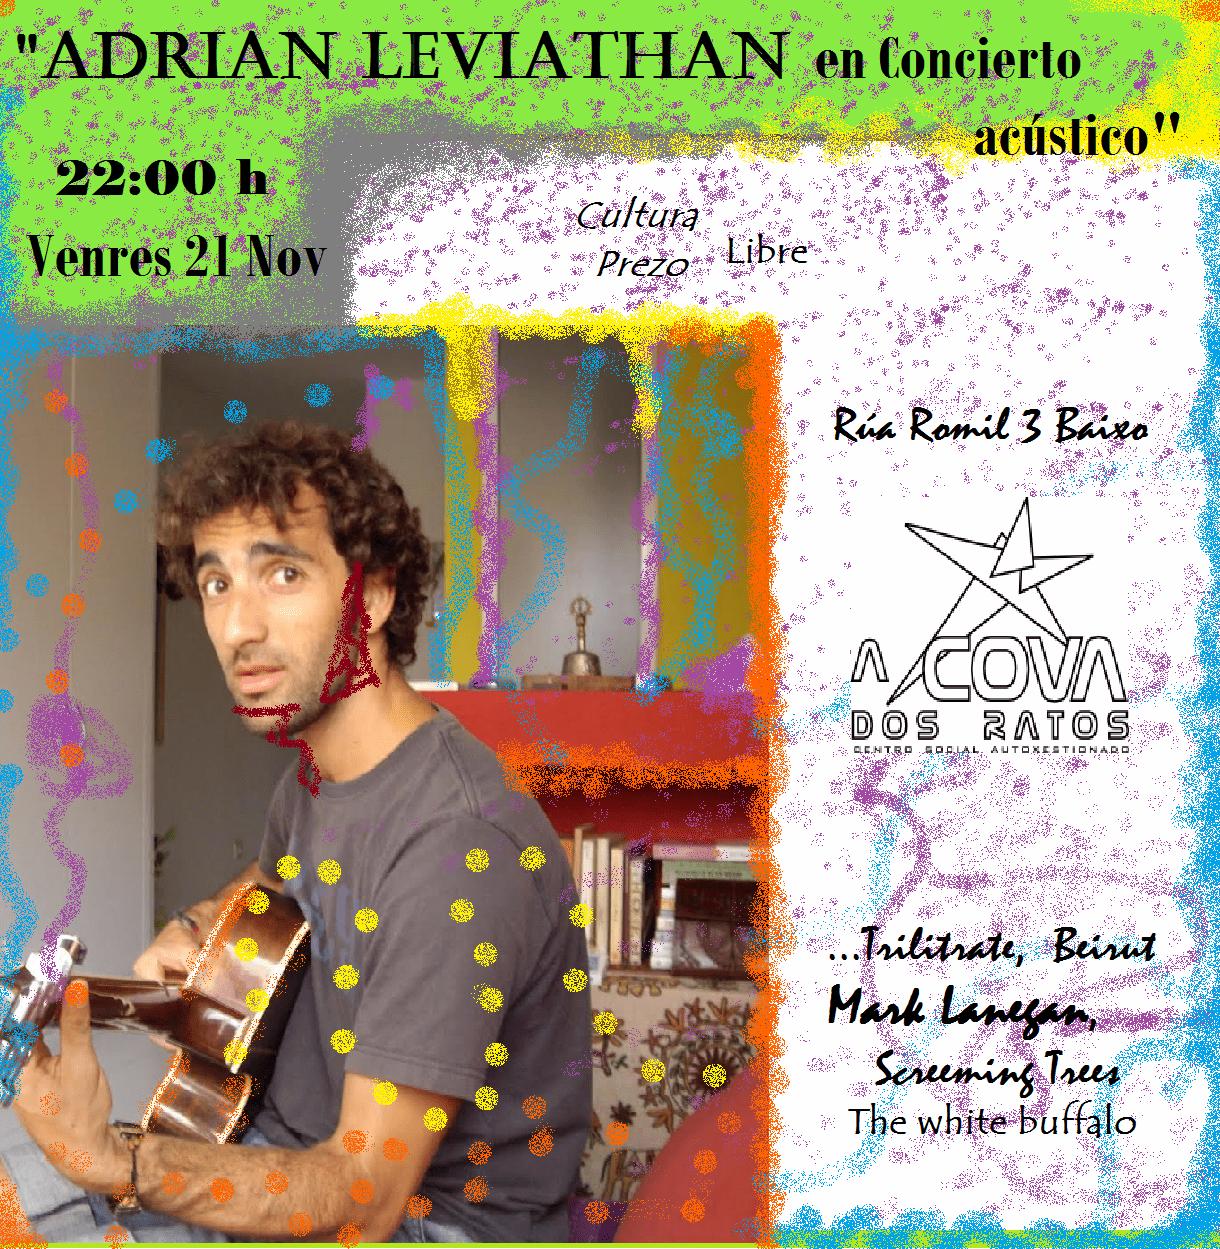 Concierto acustico de Adrián Leviathan